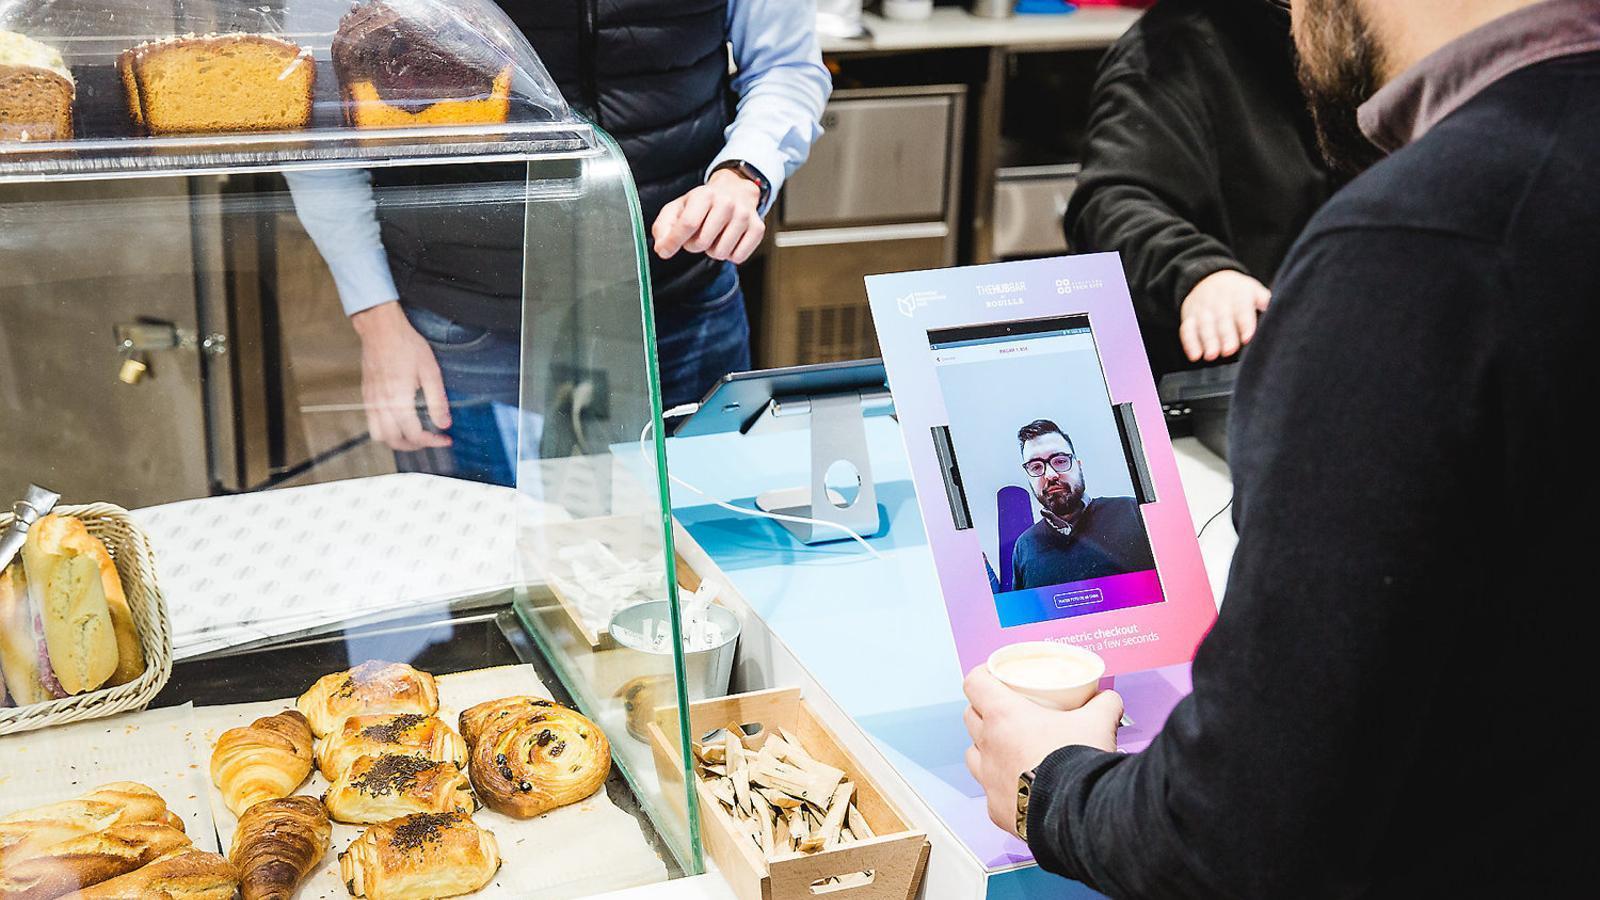 Cap als pagaments digitals i invisibles